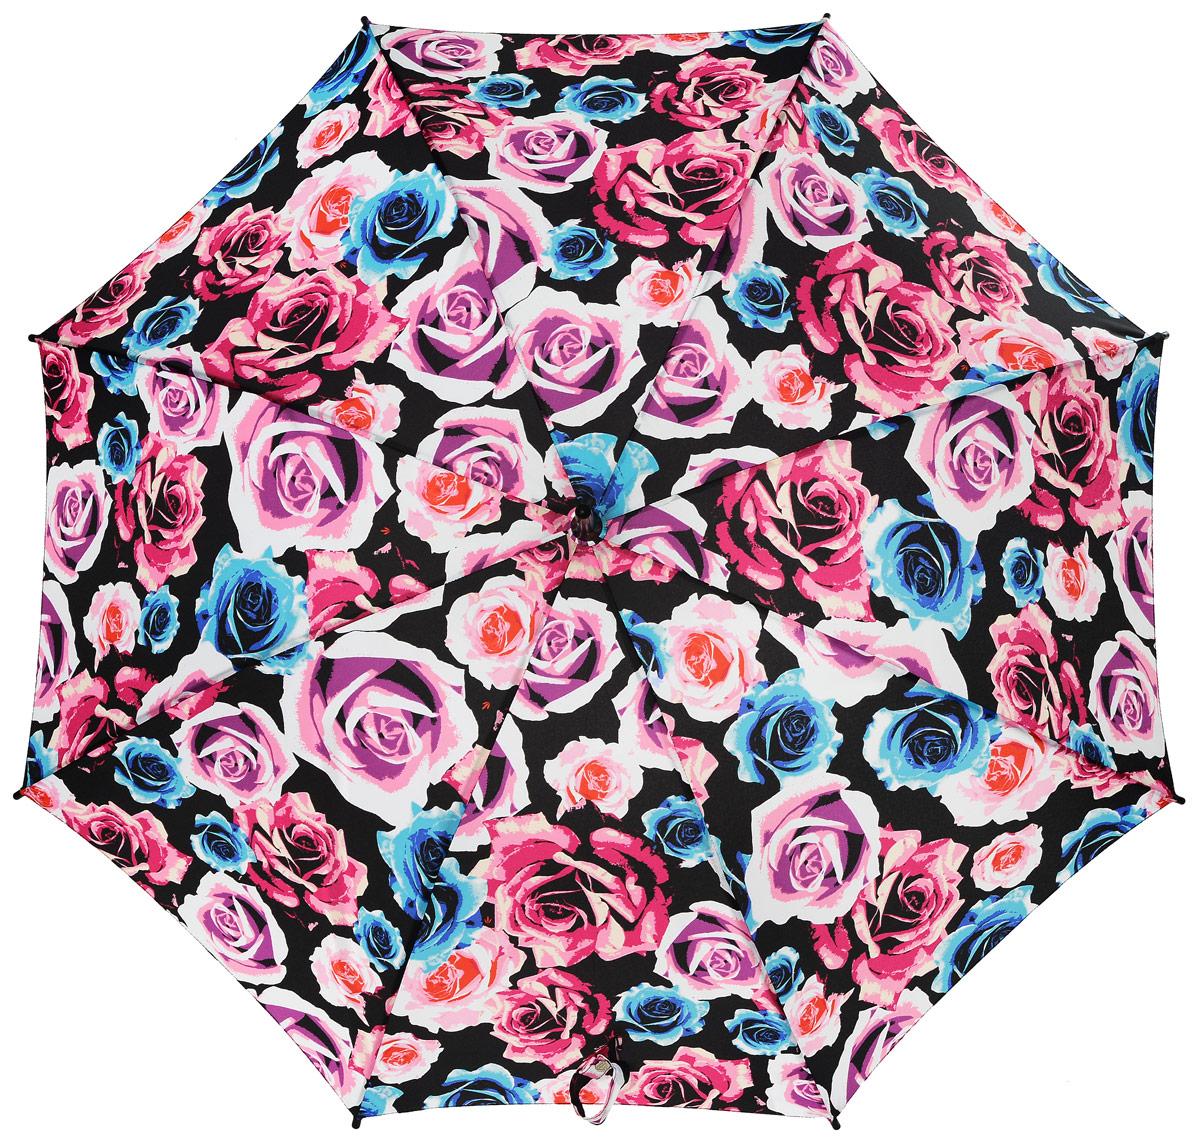 Зонт женский трость Fulton, расцветка: розы. L056-3040 PopRoseL056-3040 PopRoseС этой прочной и при этом облегченной тростью у Вас будет поистине роскошный вид. Увеличенный купол 100 см в диаметре. Удобная технология открывания и закрывания. Надежная конструкция из фибергласса устойчива даже при сильном ветре. Красивый, элегантный узор. Длина в сложенном виде 88 см.